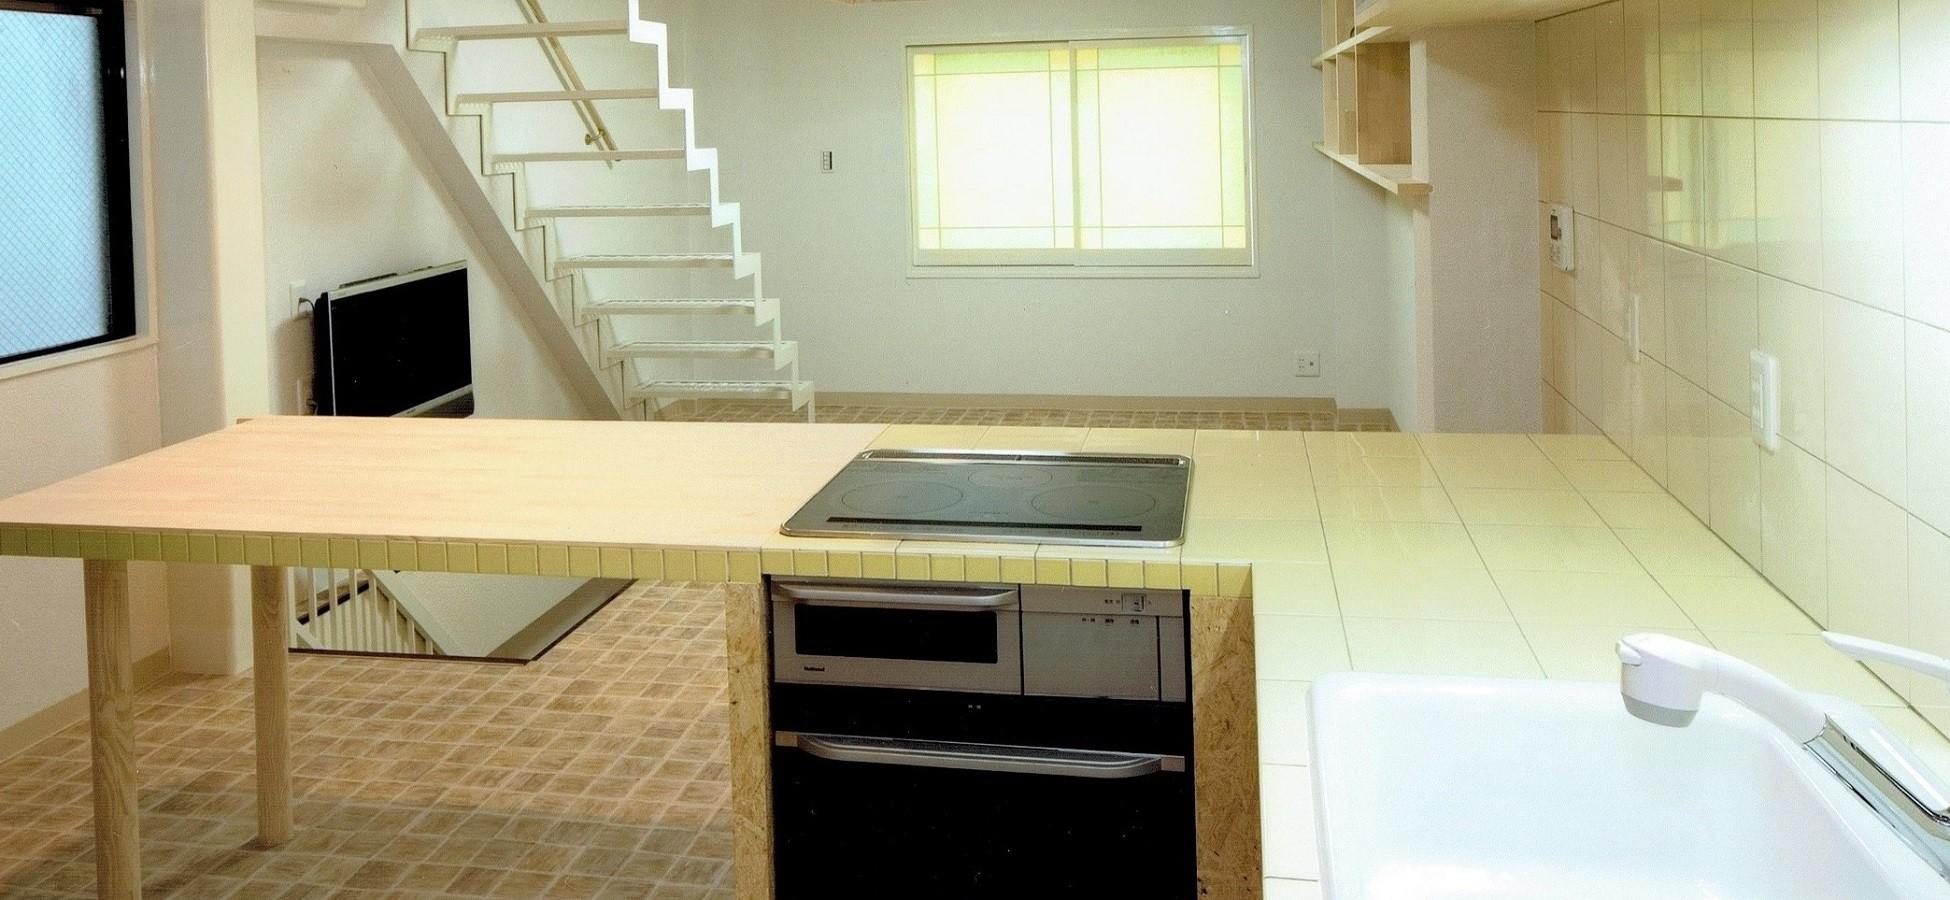 リビングダイニング事例:ダイニングキッチン(L字型カウンターは、木製+タイル張り)(店舗(自然派日用品)付き住宅のリフォーム)